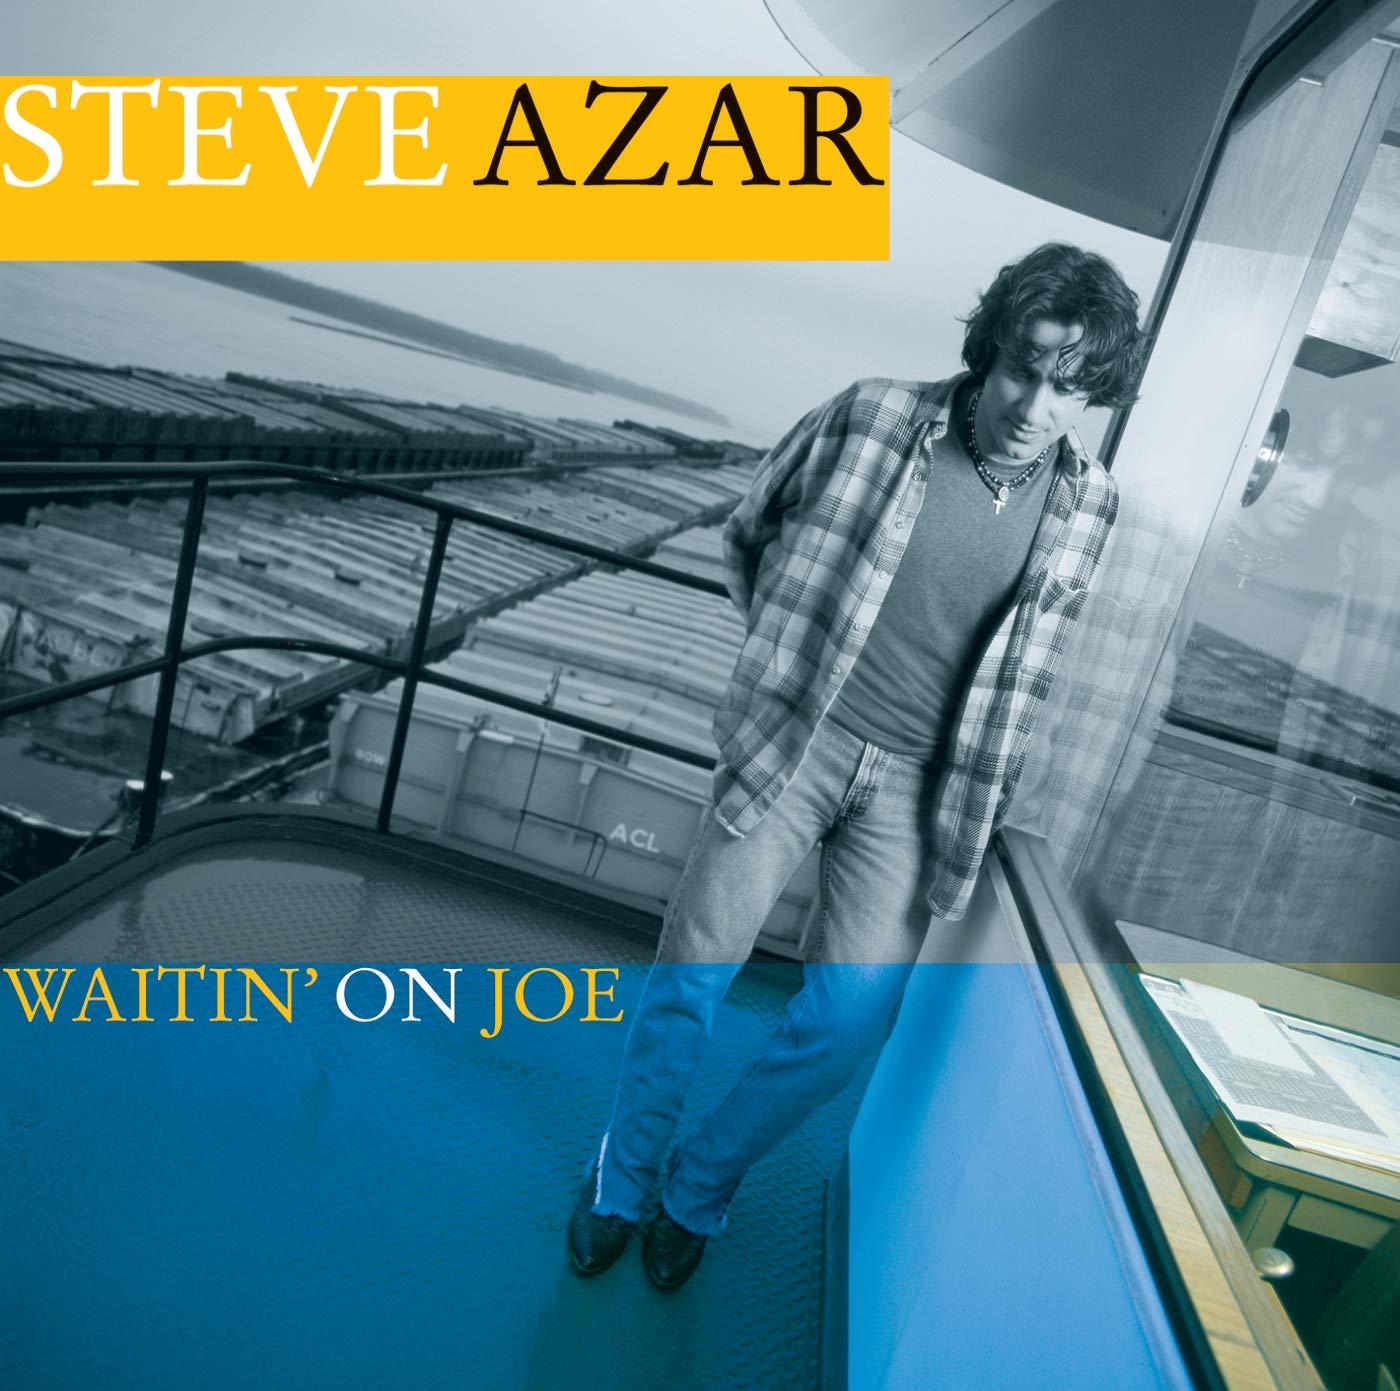 Steve Azar – Waitin On Joe (2002) [FLAC]